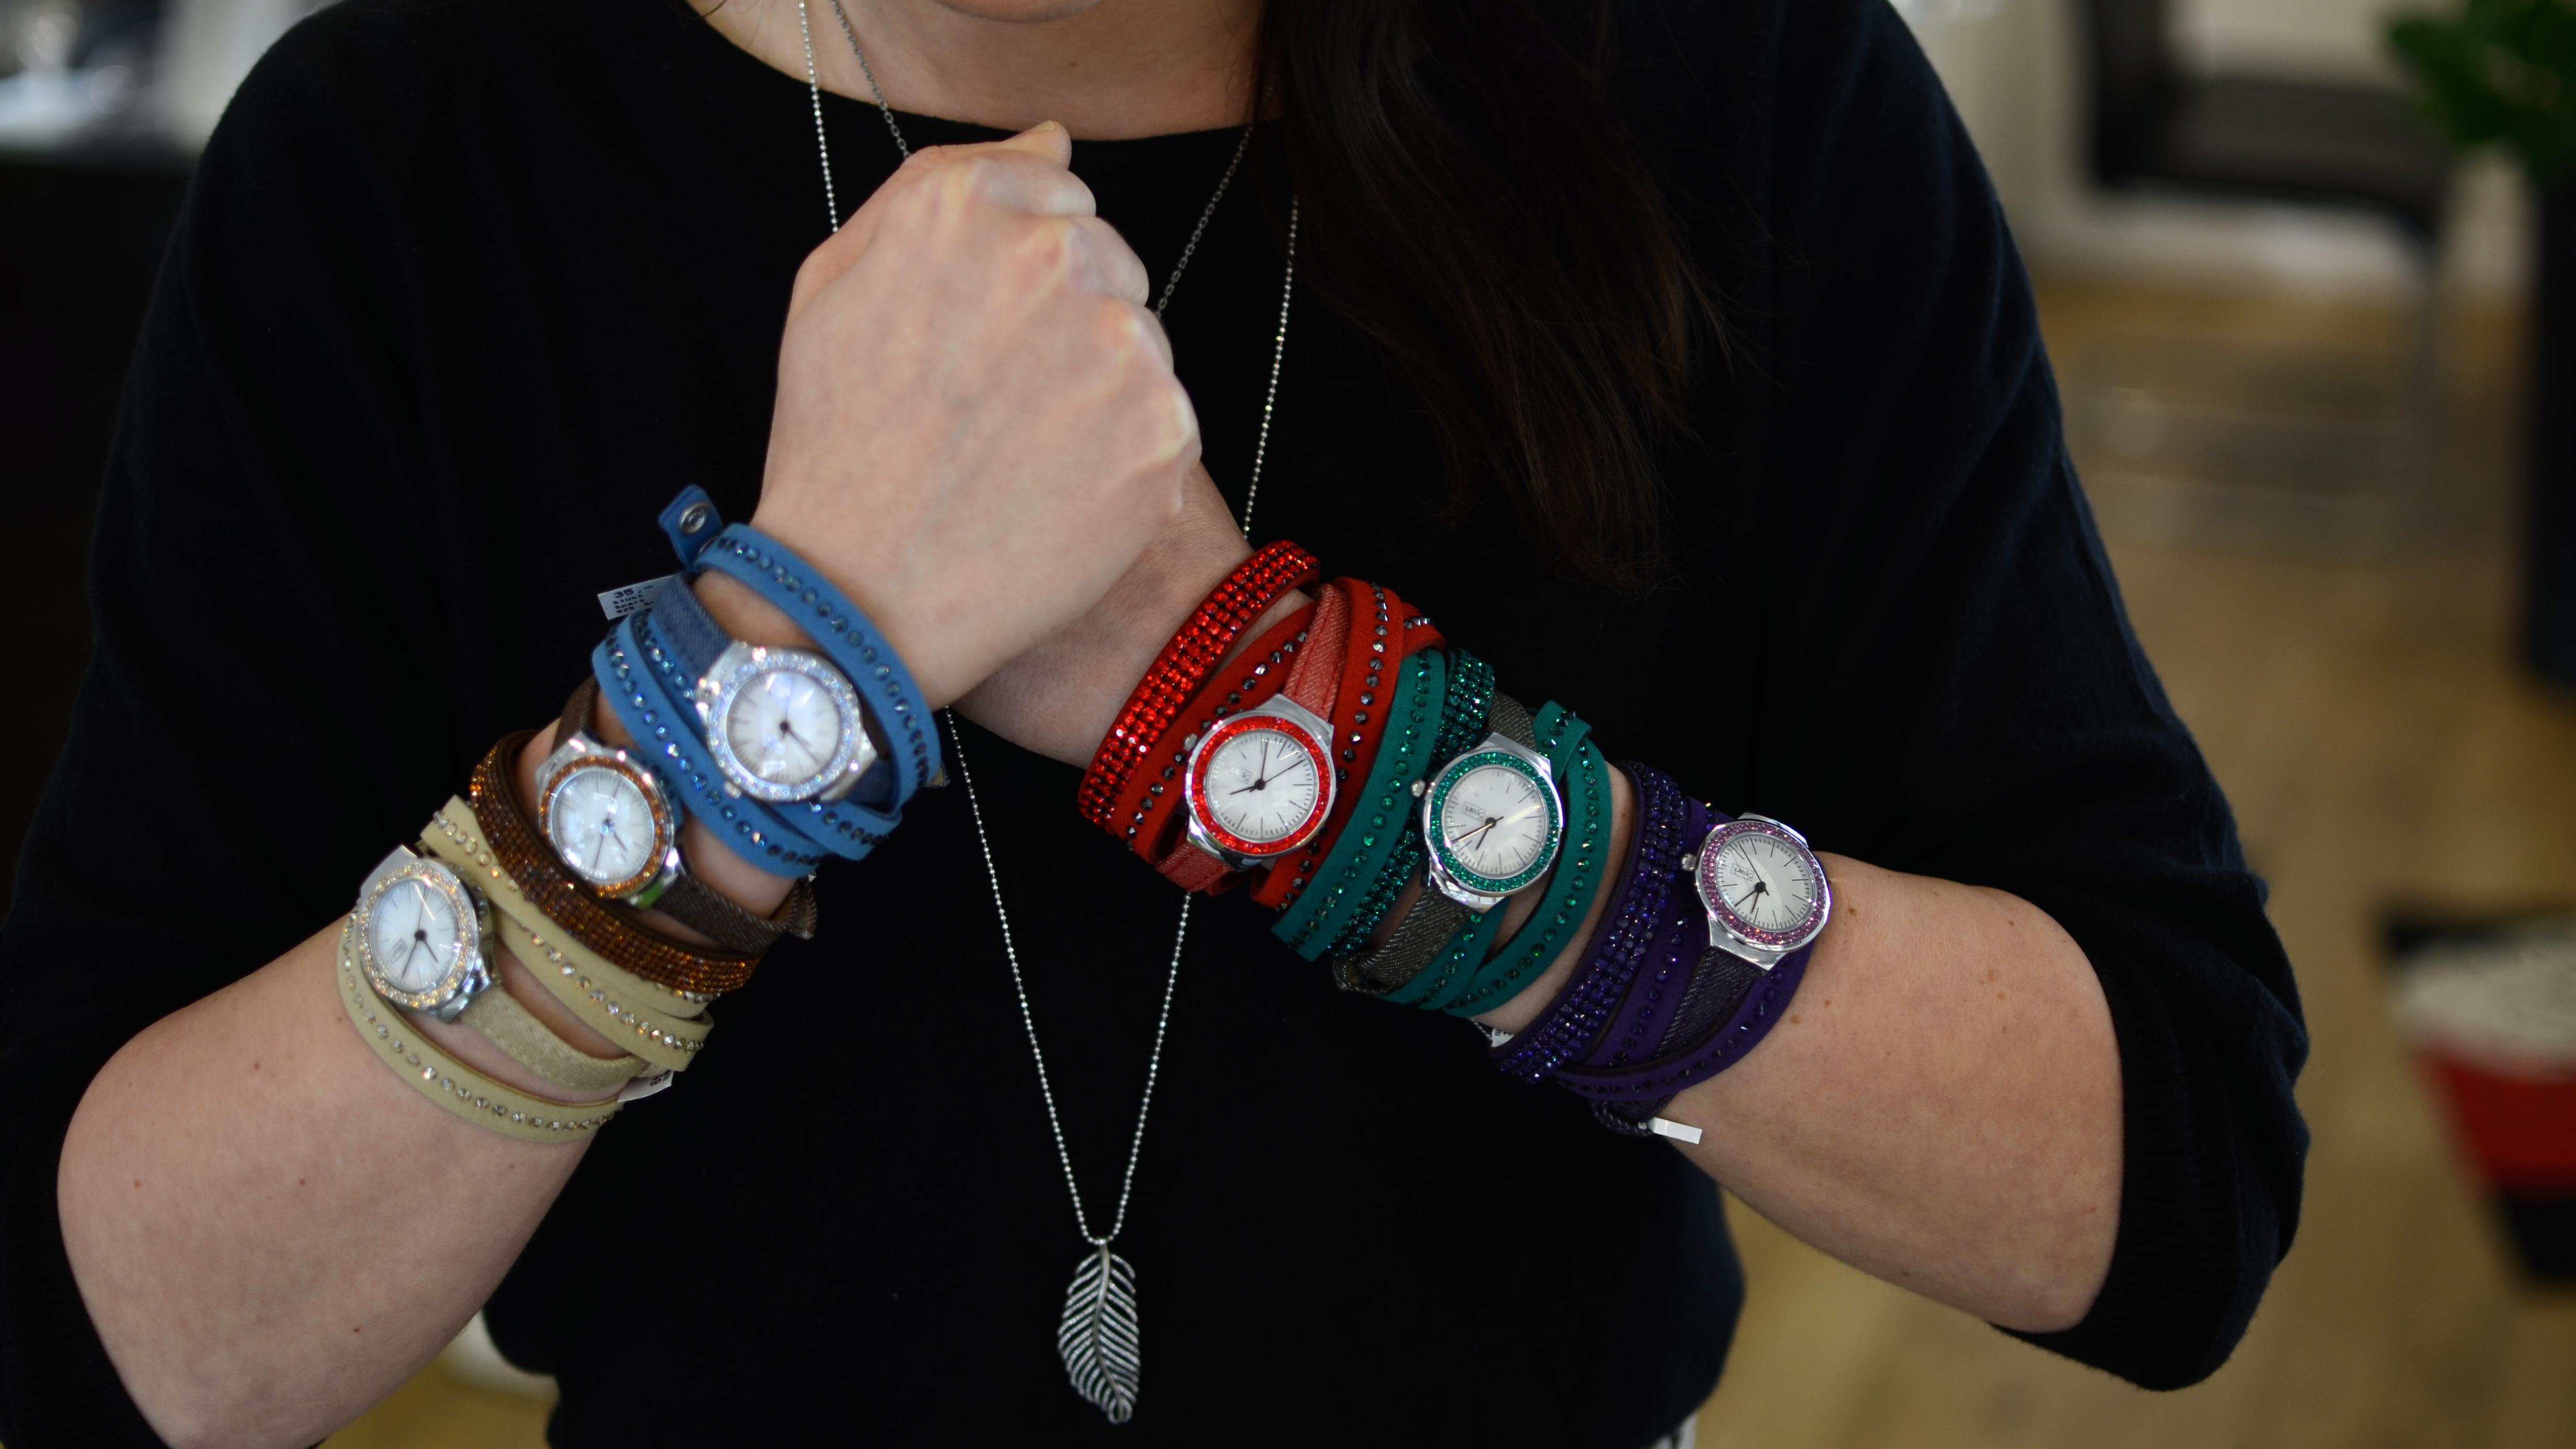 Uhren von Spark